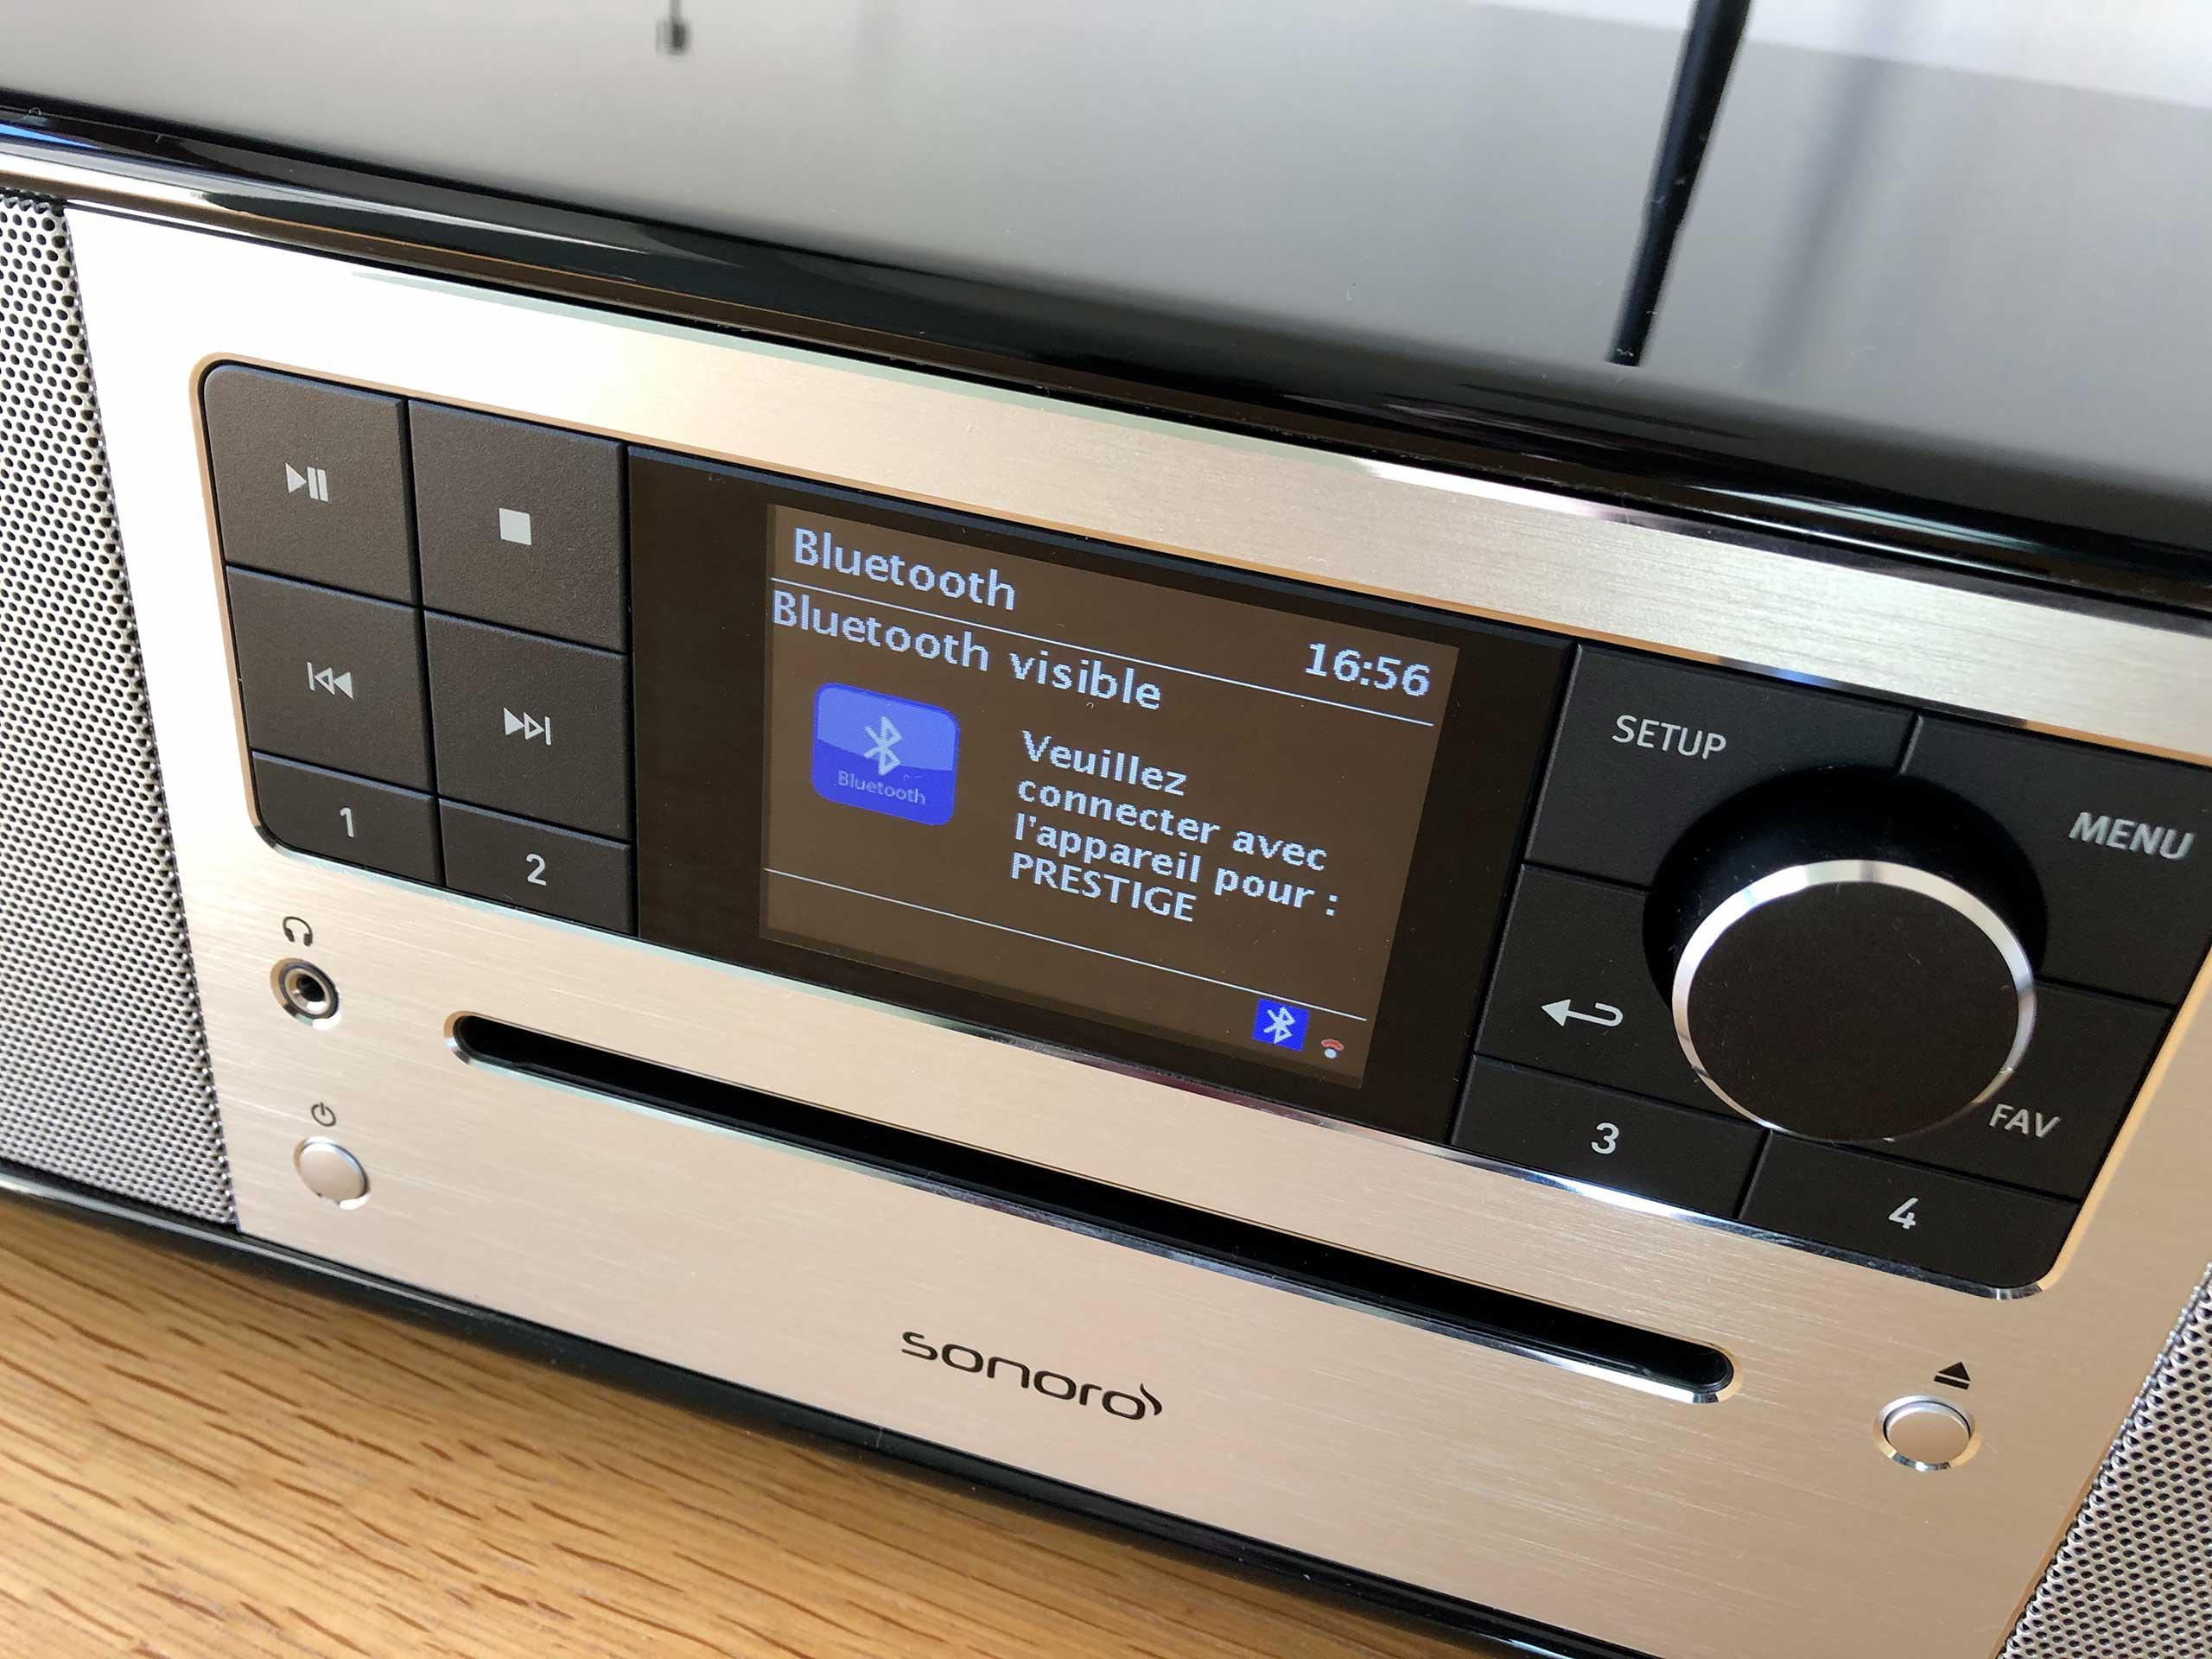 Panneau de contrôle de la mini-chaine hifi compacte sonoro PRESTIGE : wifi, bluetooth et lecteur CD